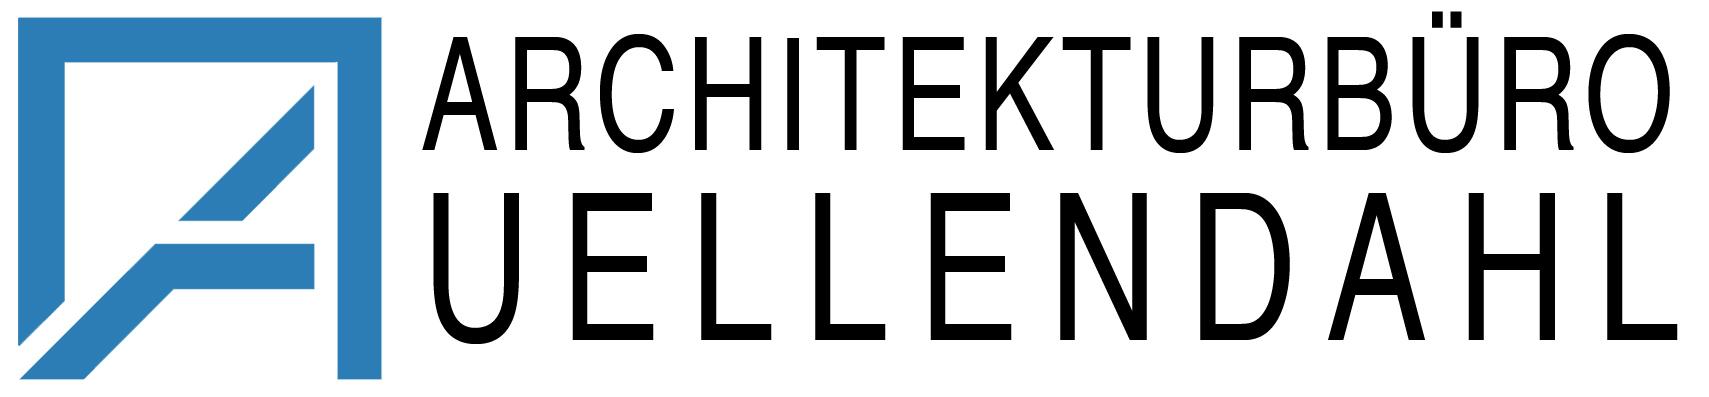 Architekturbuero Uellendahl